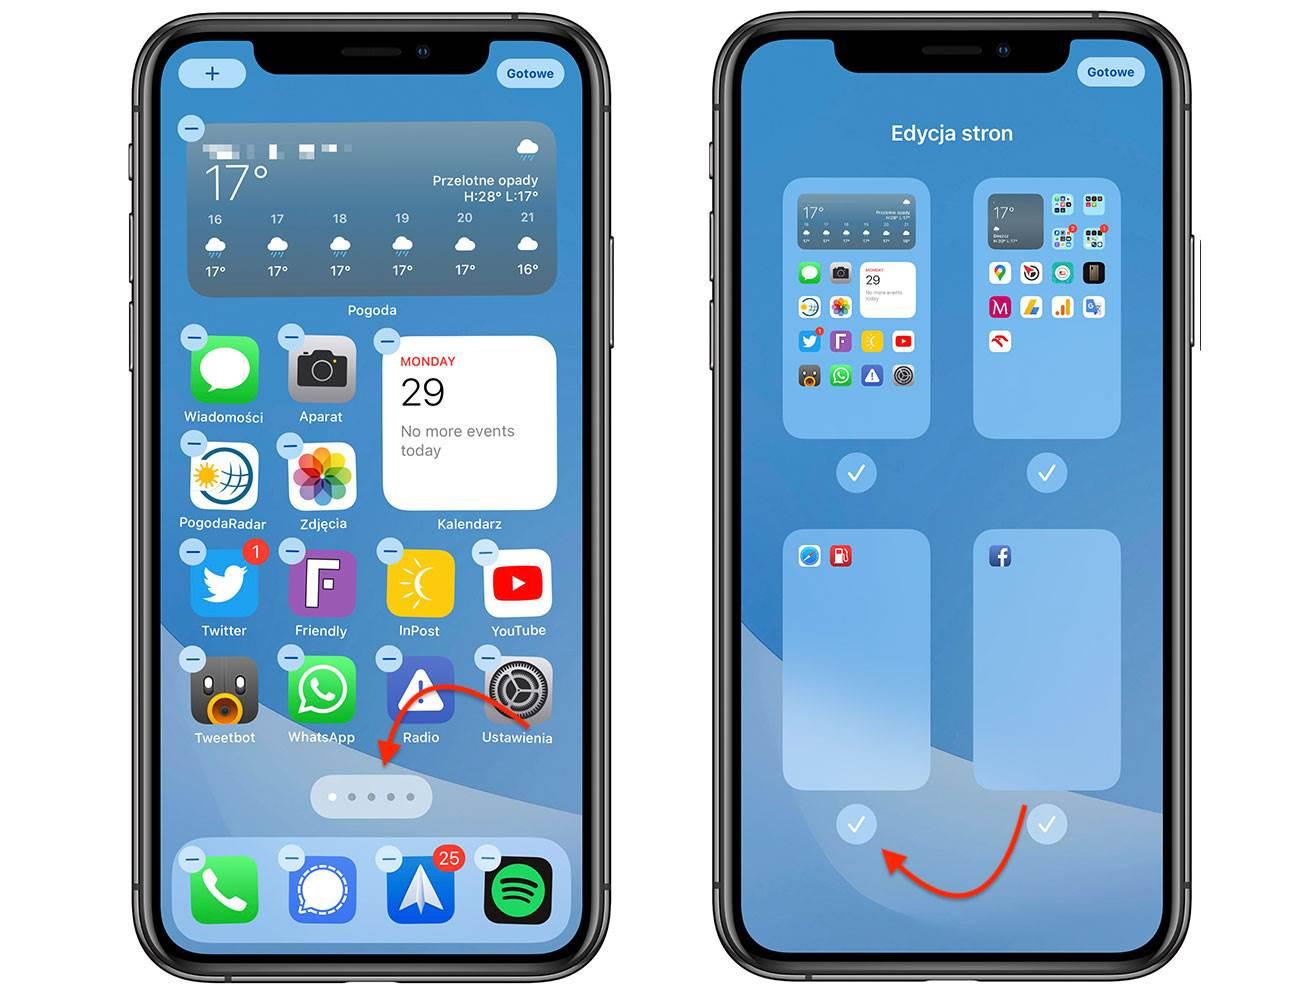 iOS 14 pozwala ukryć nieużywane ekrany główne polecane, ciekawostki jak ukryc ekran, iPhone, iOS 14  Po kilkudniowej przerwie powracamy do opisywania nowości dostępnych w iOS 14. W tym wpisie dowiecie się jak ukryć nieużywane ekrany główne w iPhone. iOS14 2 7